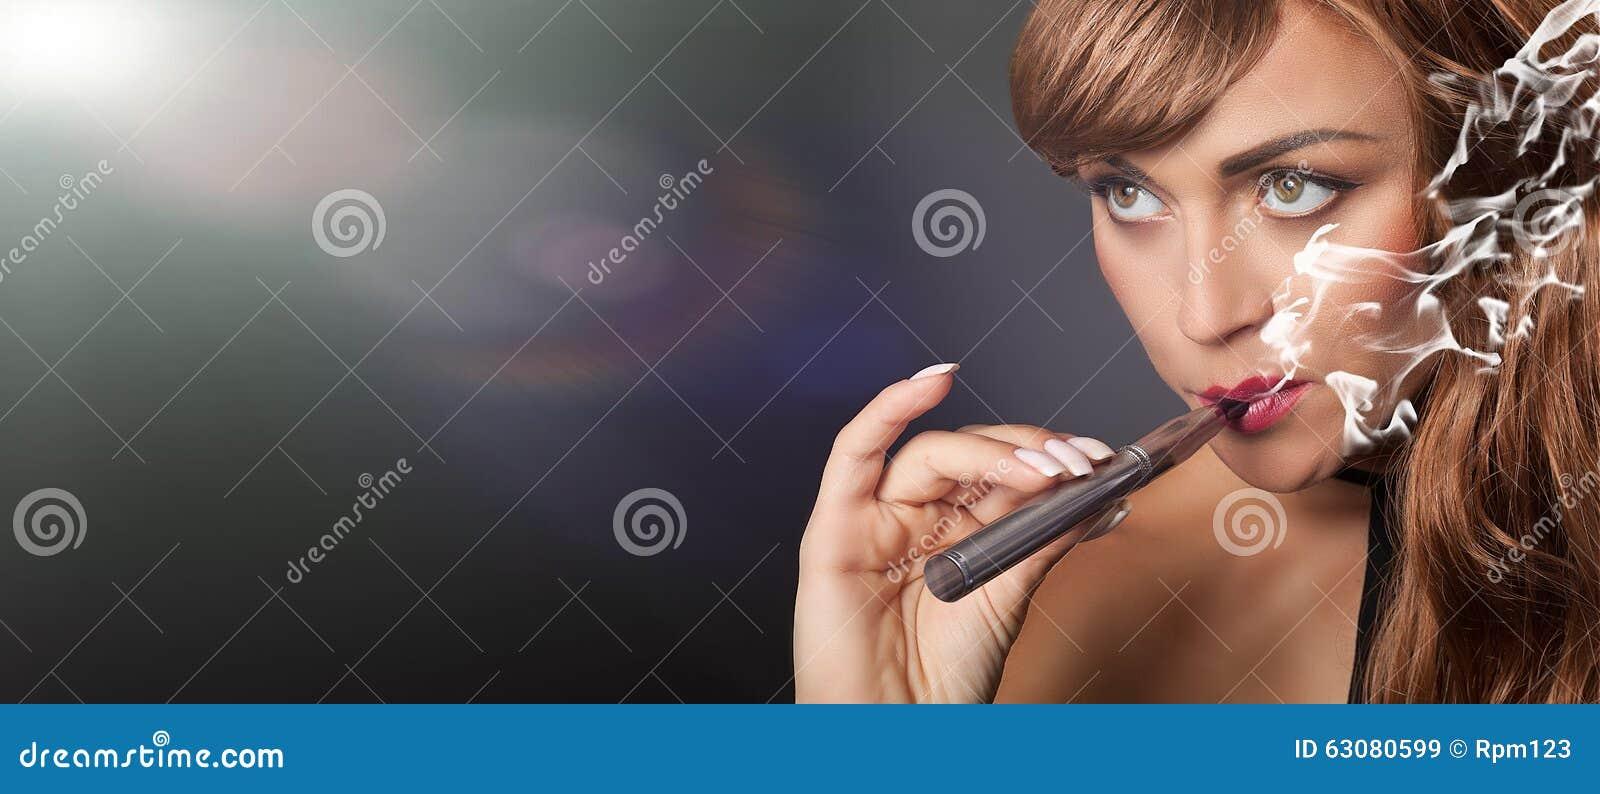 Download La Femme Fume Son Stylo De Vape Image stock - Image du élégant, fumée: 63080599